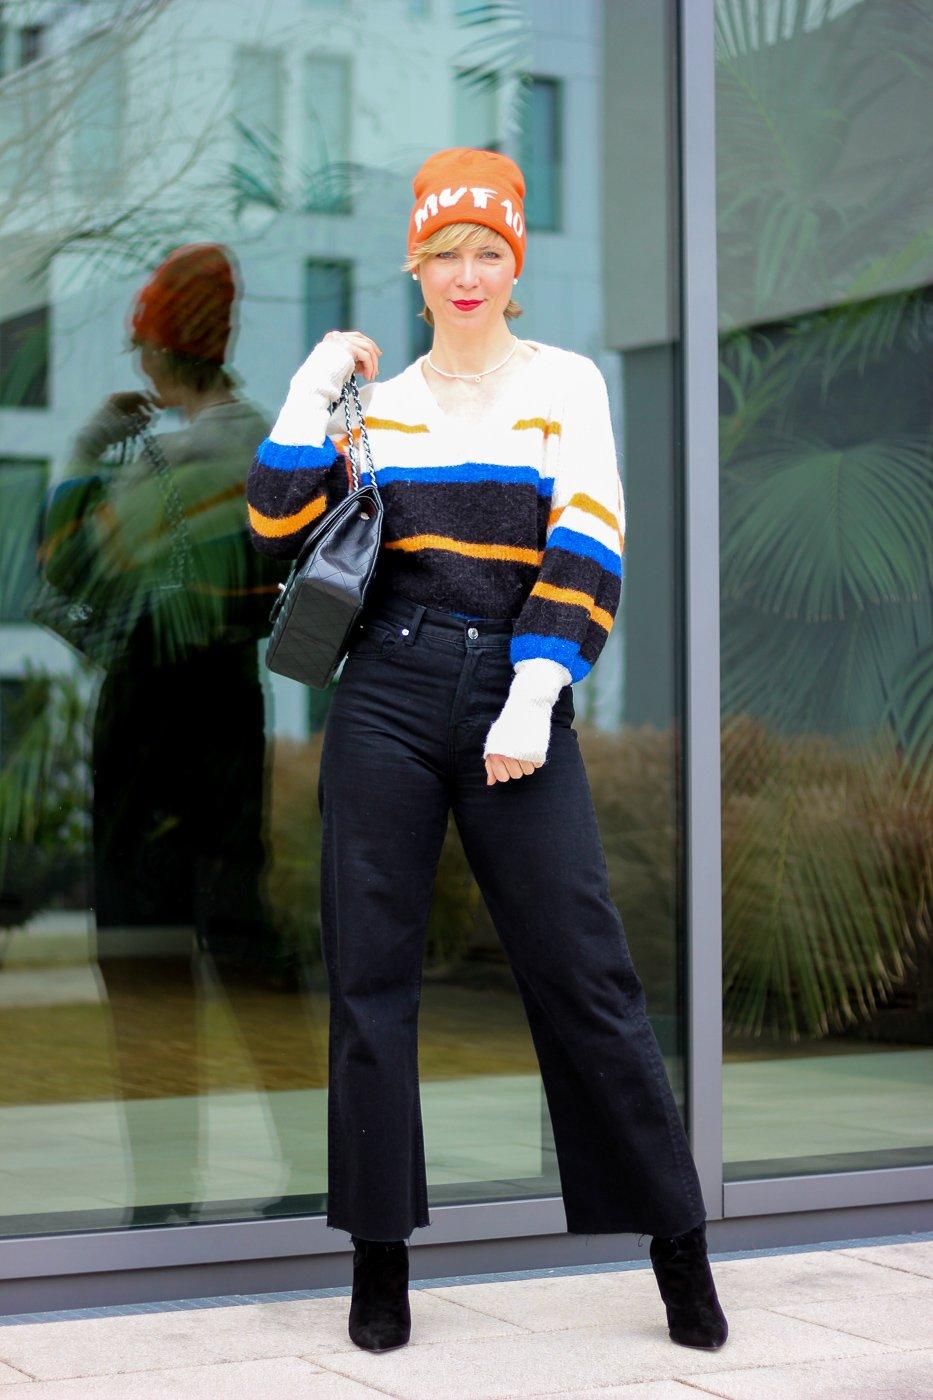 conny doll lifestyle: Das Unterhemd - immer dabei, noch nie erwähnt - was trage ich drunter?, Longsleeves oder Unterhemd?